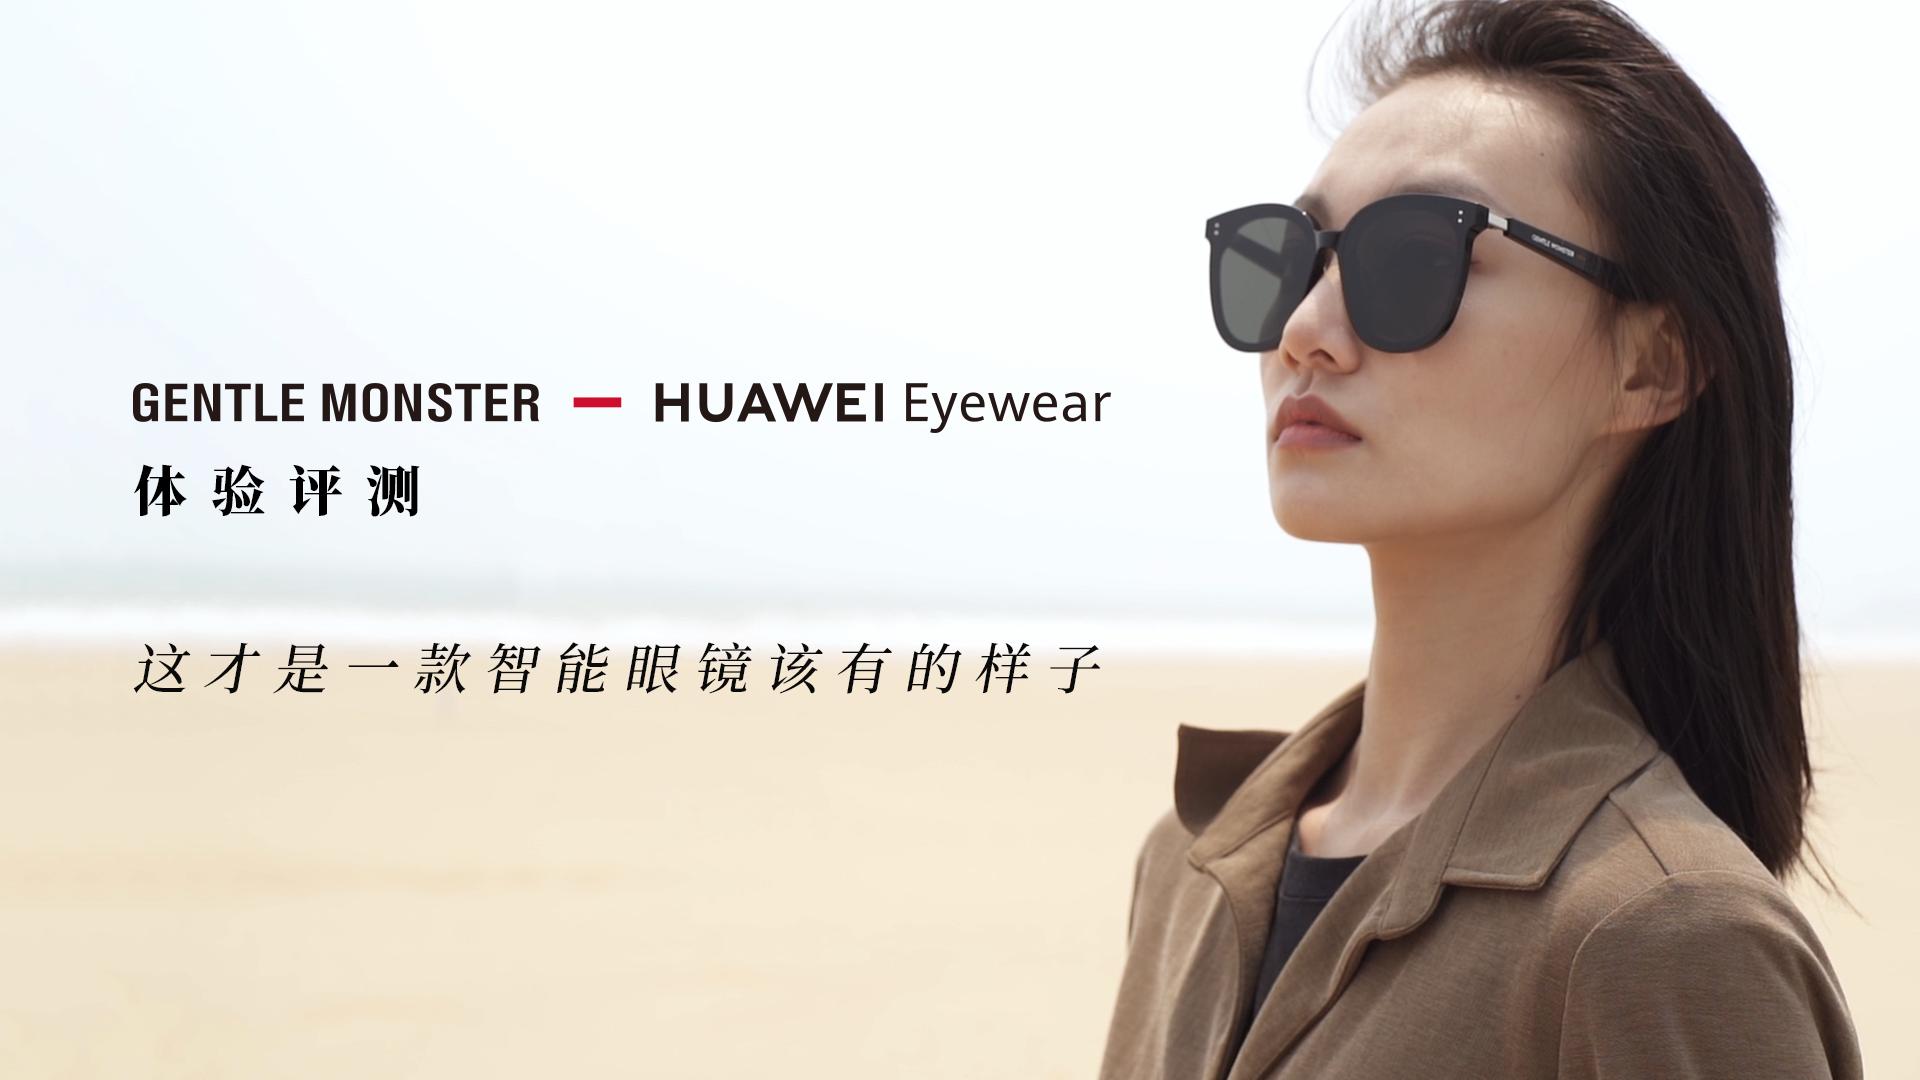 华为Eyewear体验评测:这才是一款智能眼镜该有的样子